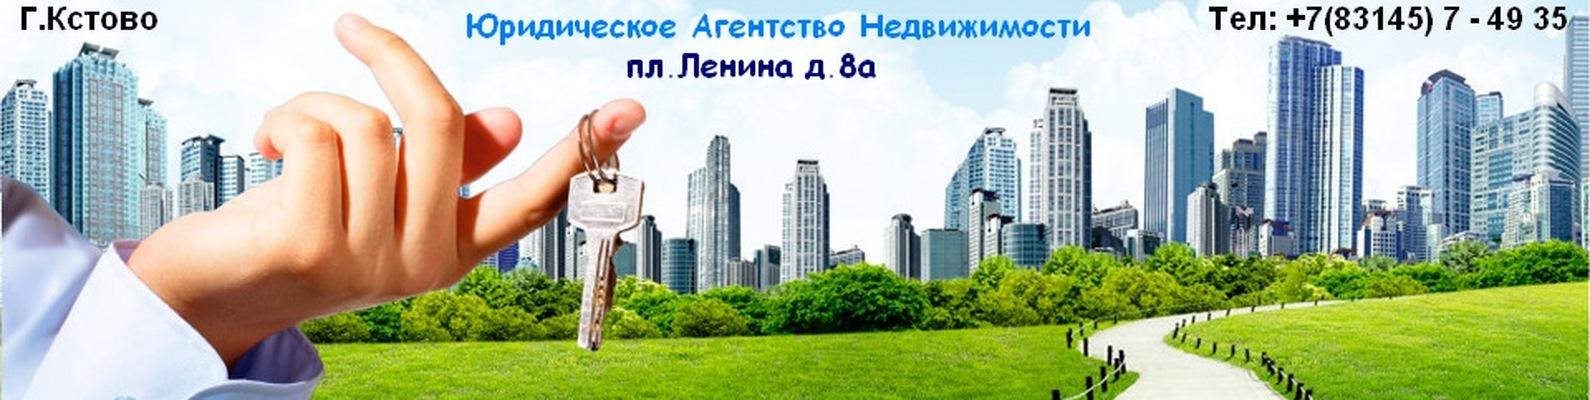 юридическое агентство недвижимости